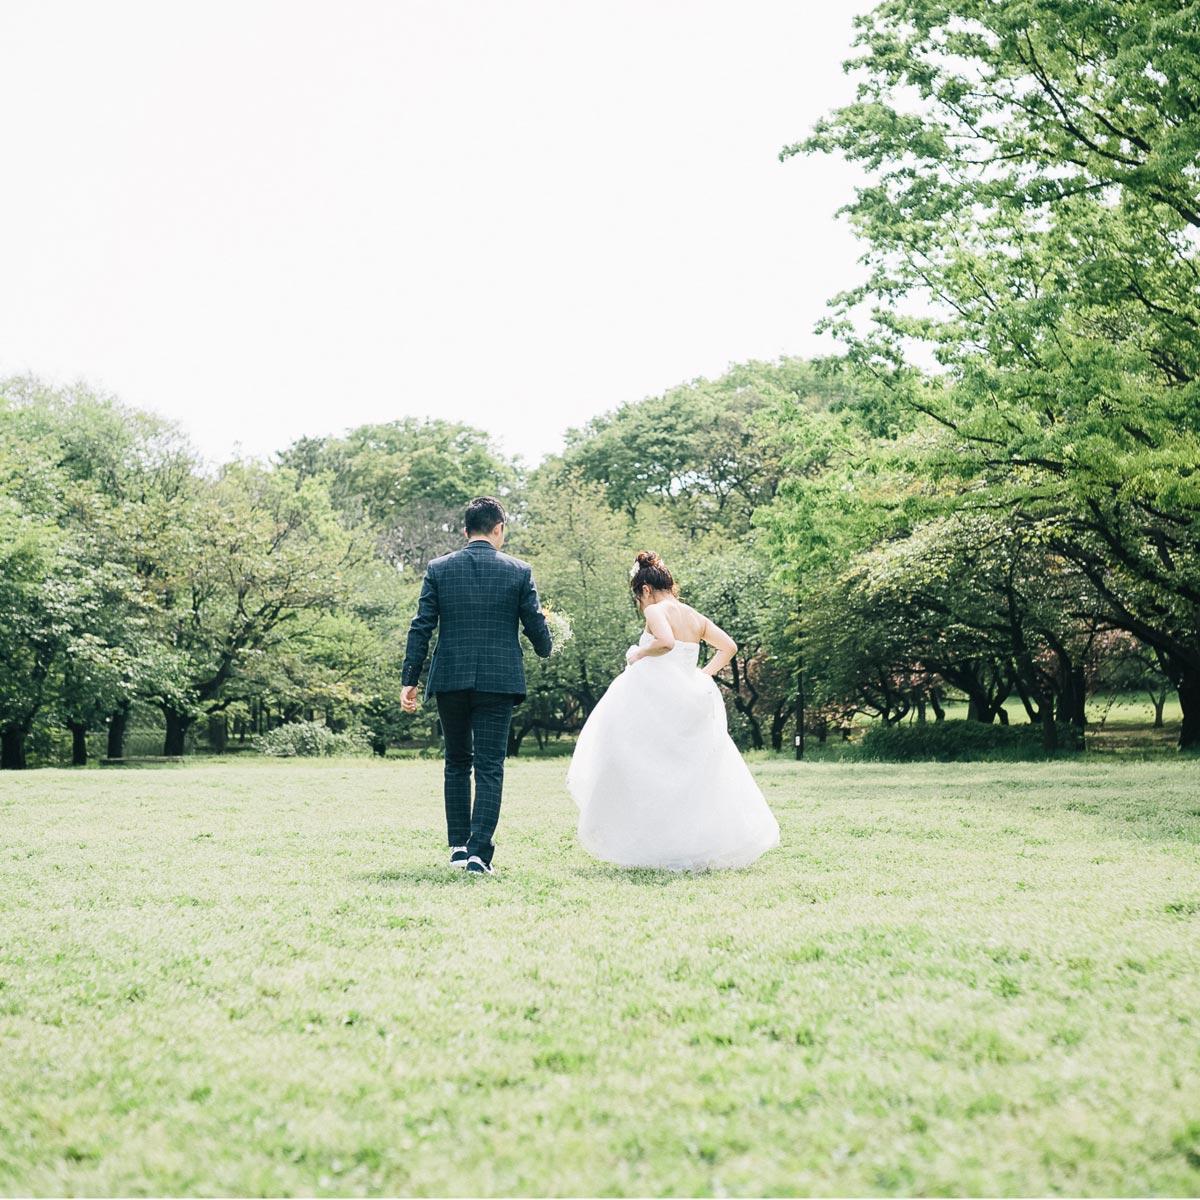 サンブルーム、前撮り、後撮り、ロケフォト、ウェディング、プレウェディング、プレ花嫁